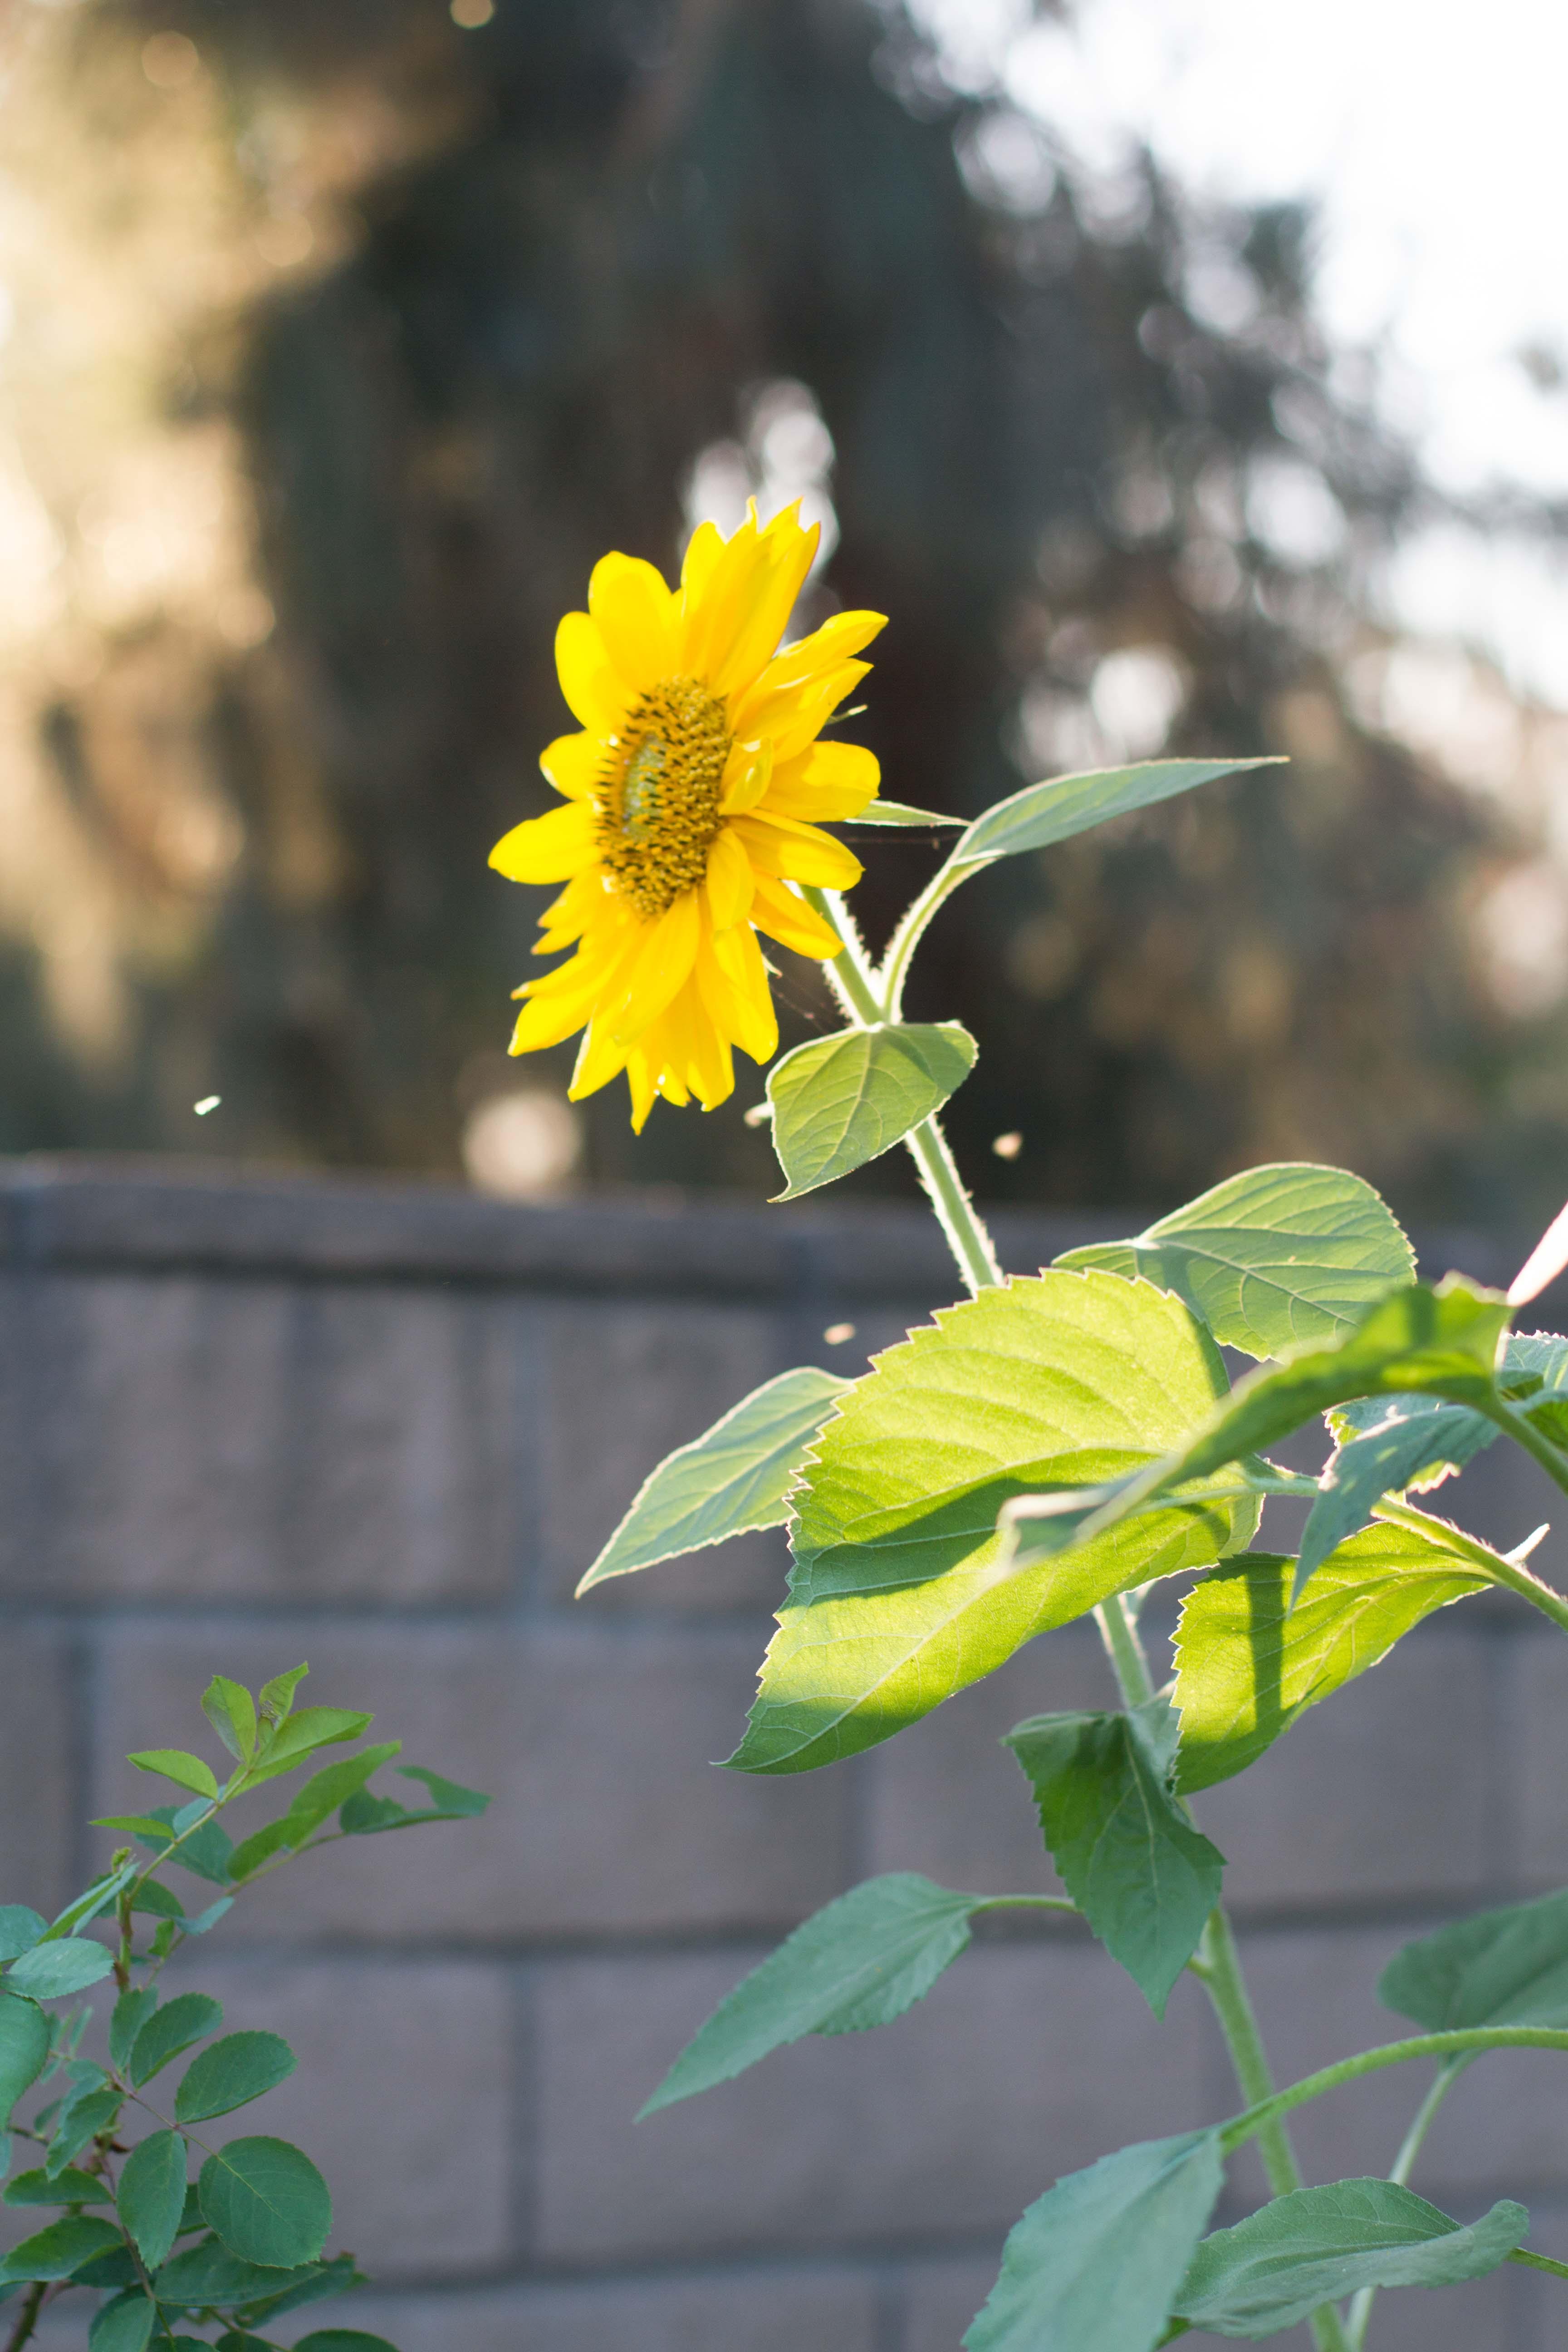 Sunflowers_2015_2